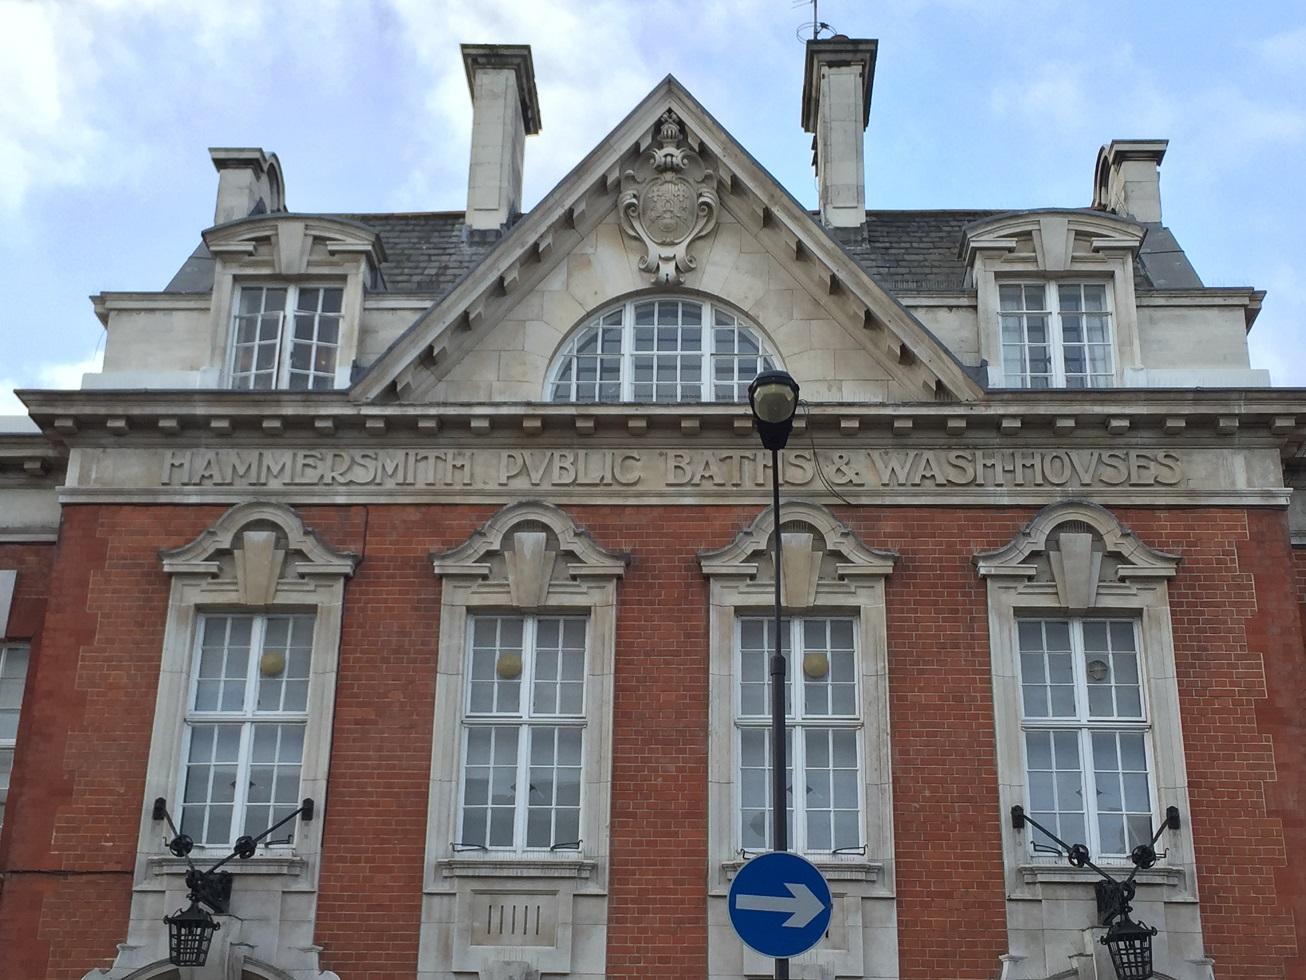 Hammersmith Public Baths & Wash Houses, Lime Grove, London